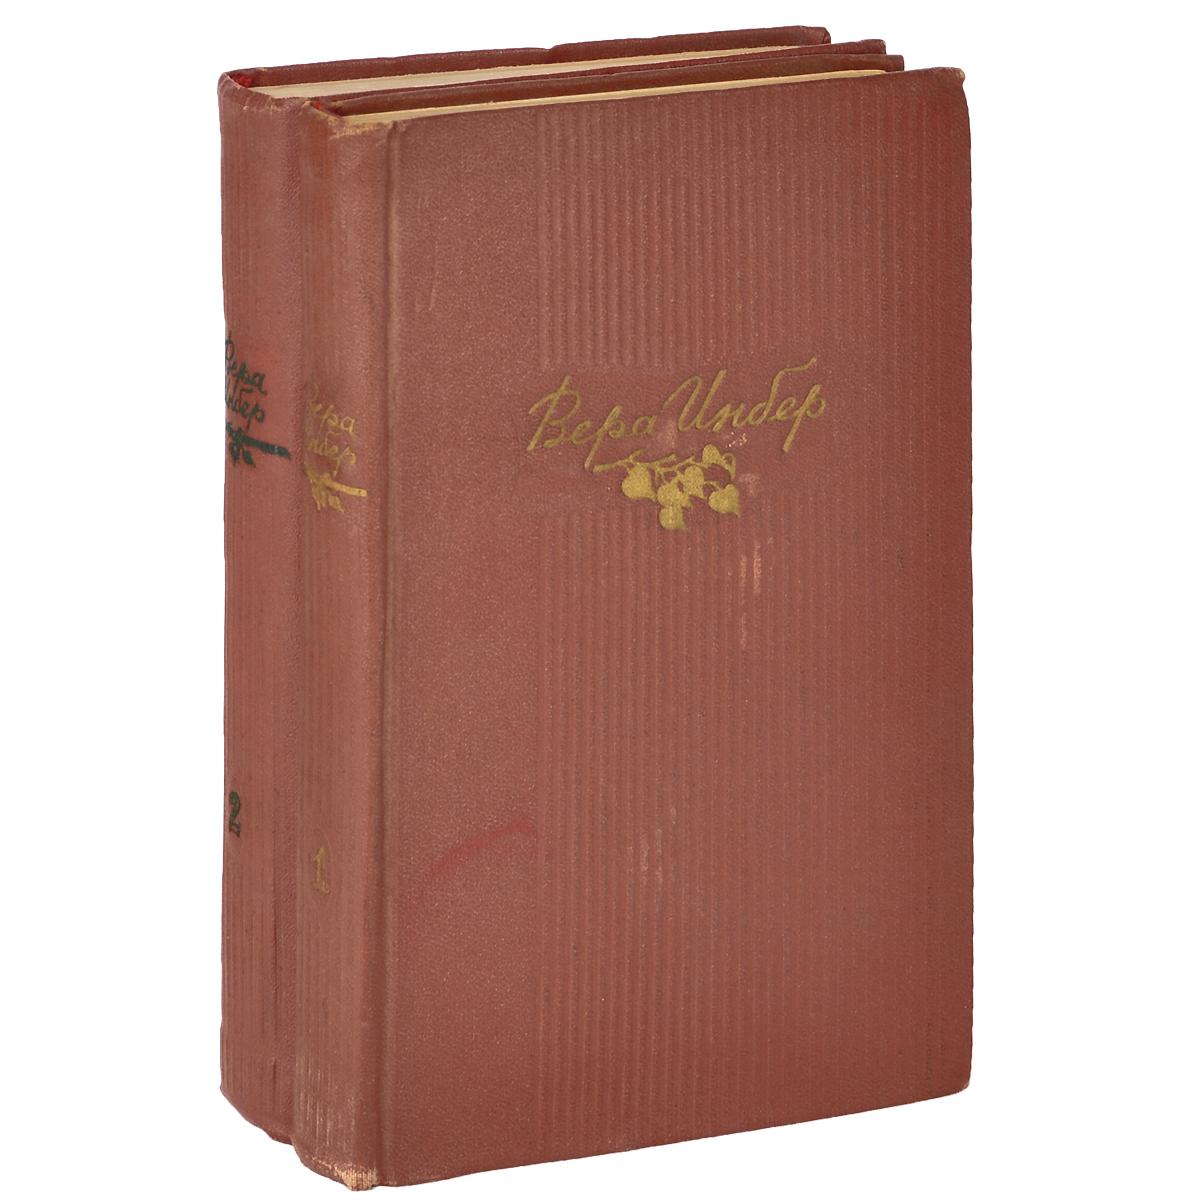 Вера Инбер Вера Инбер. Избранные произведения (комплект из 2 книг) вера инбер анкета времени